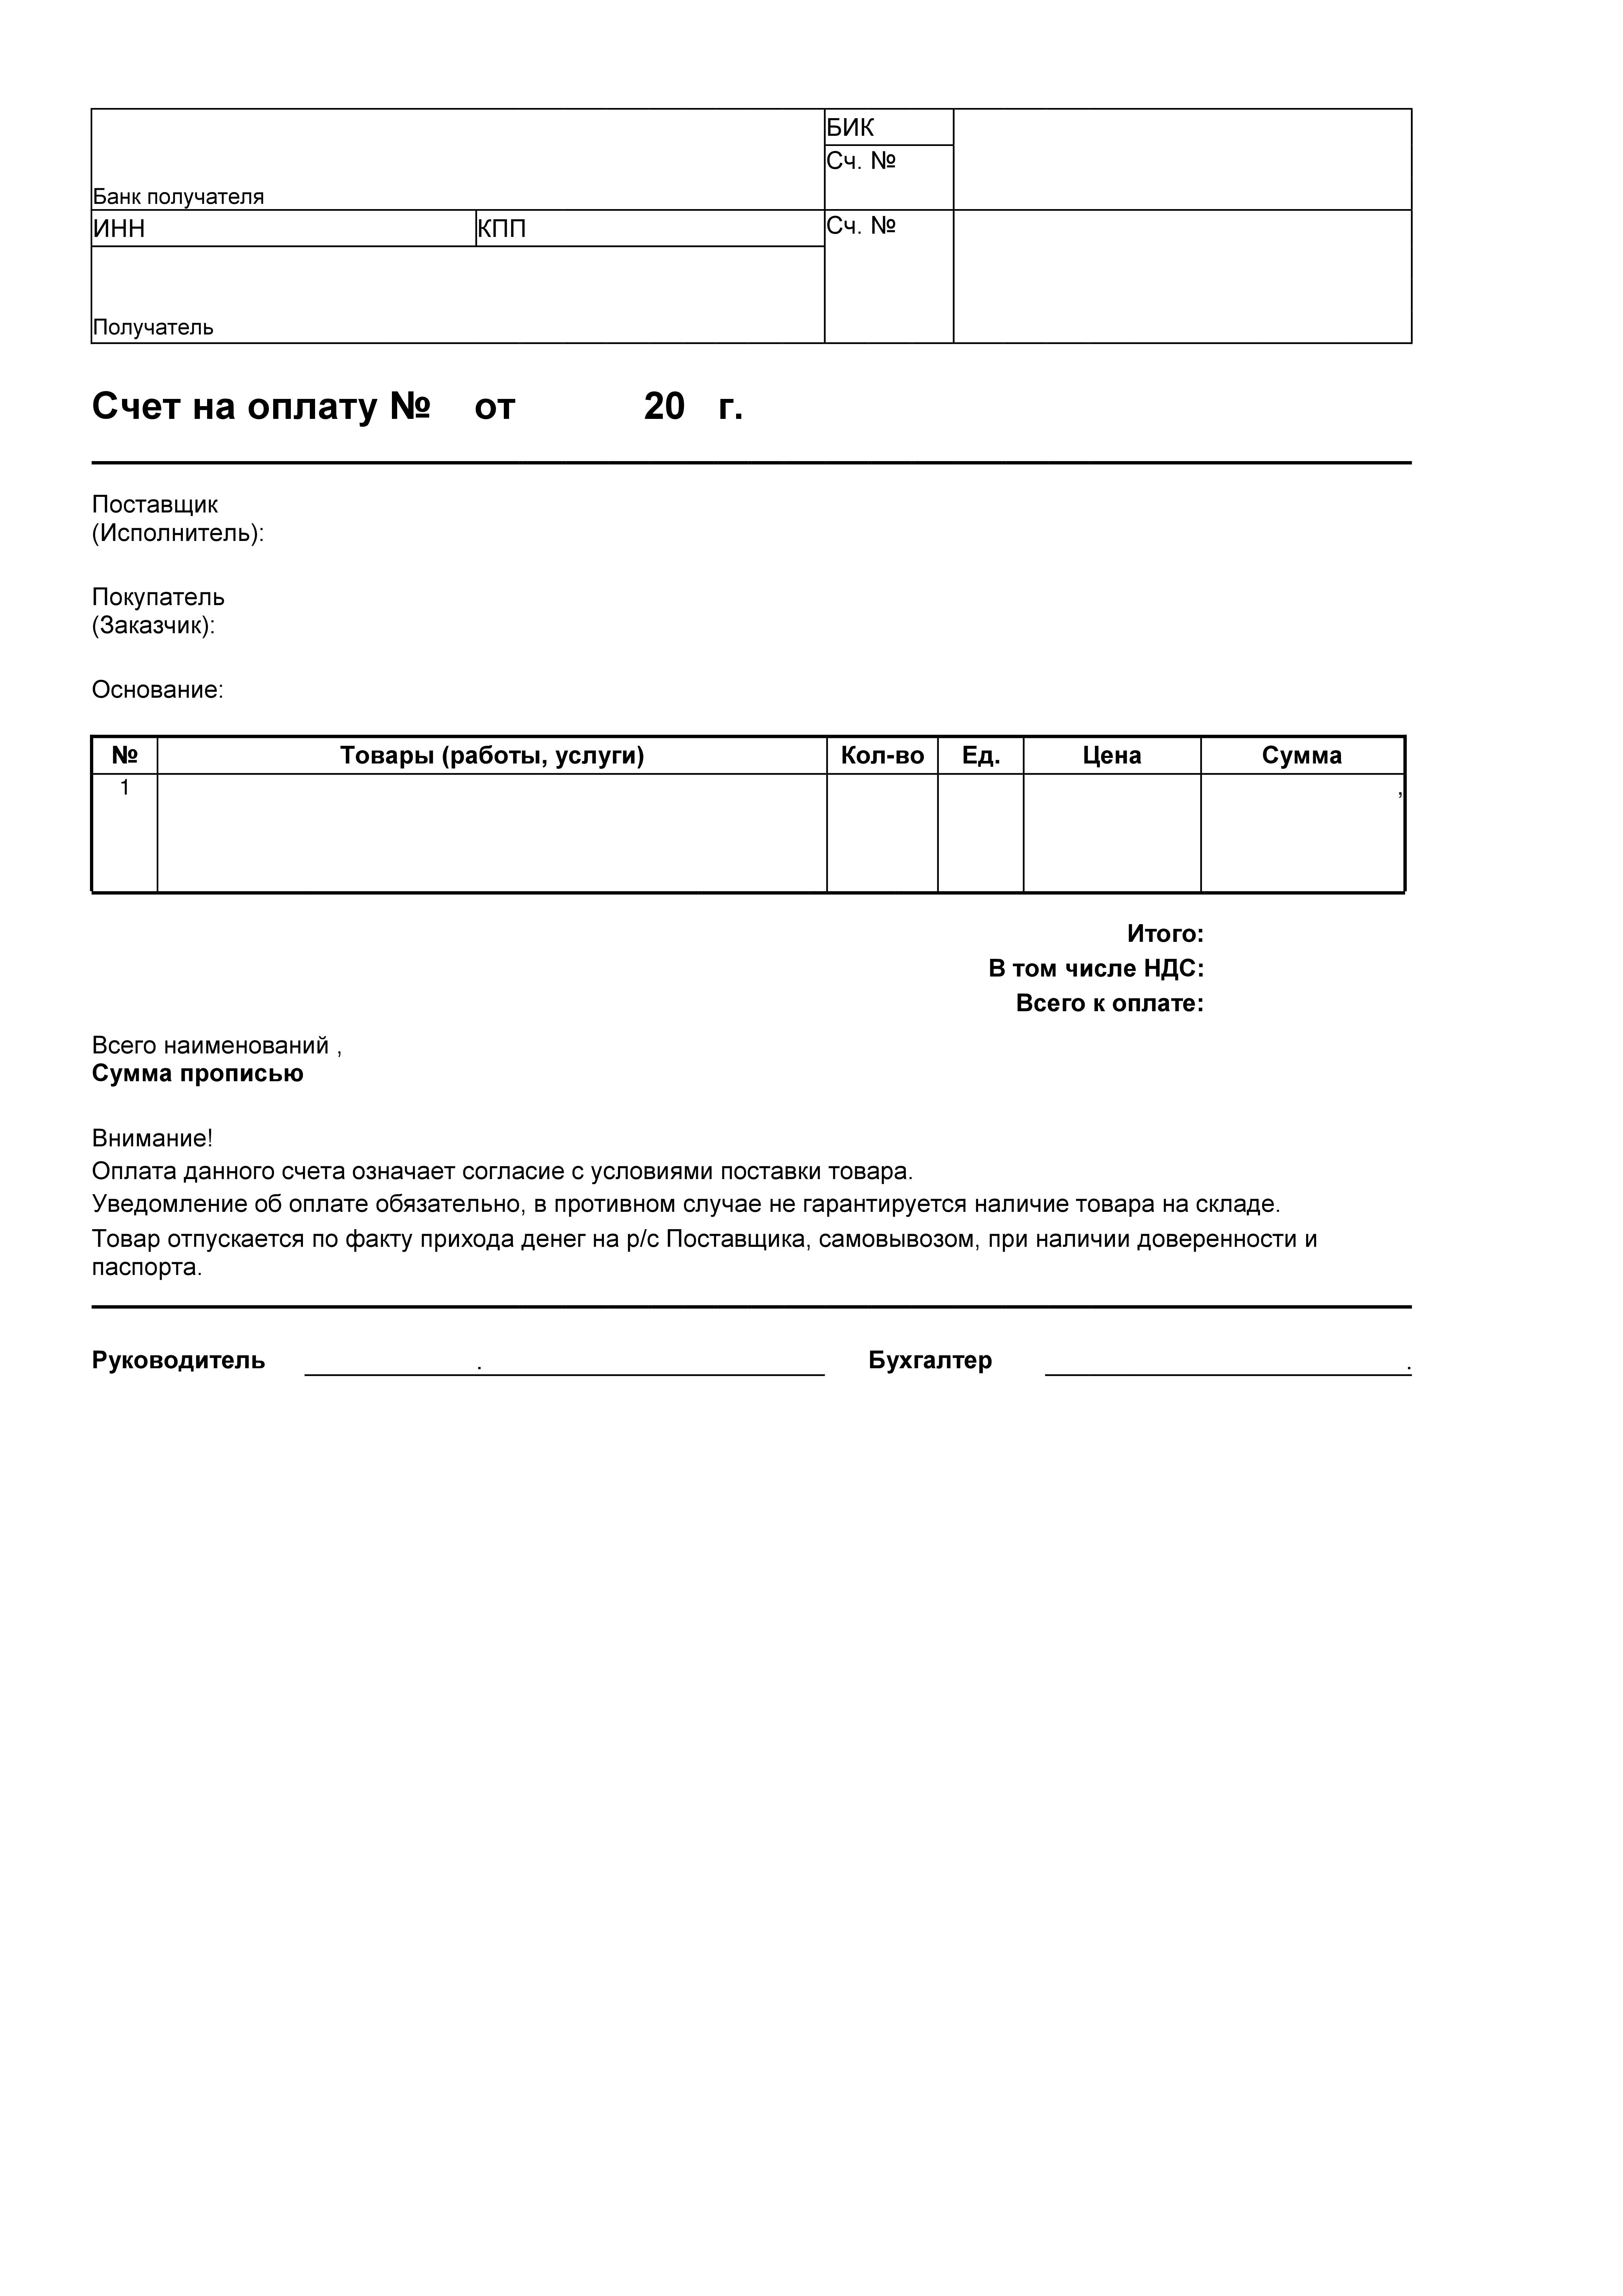 Примерный бланк счета на оплату